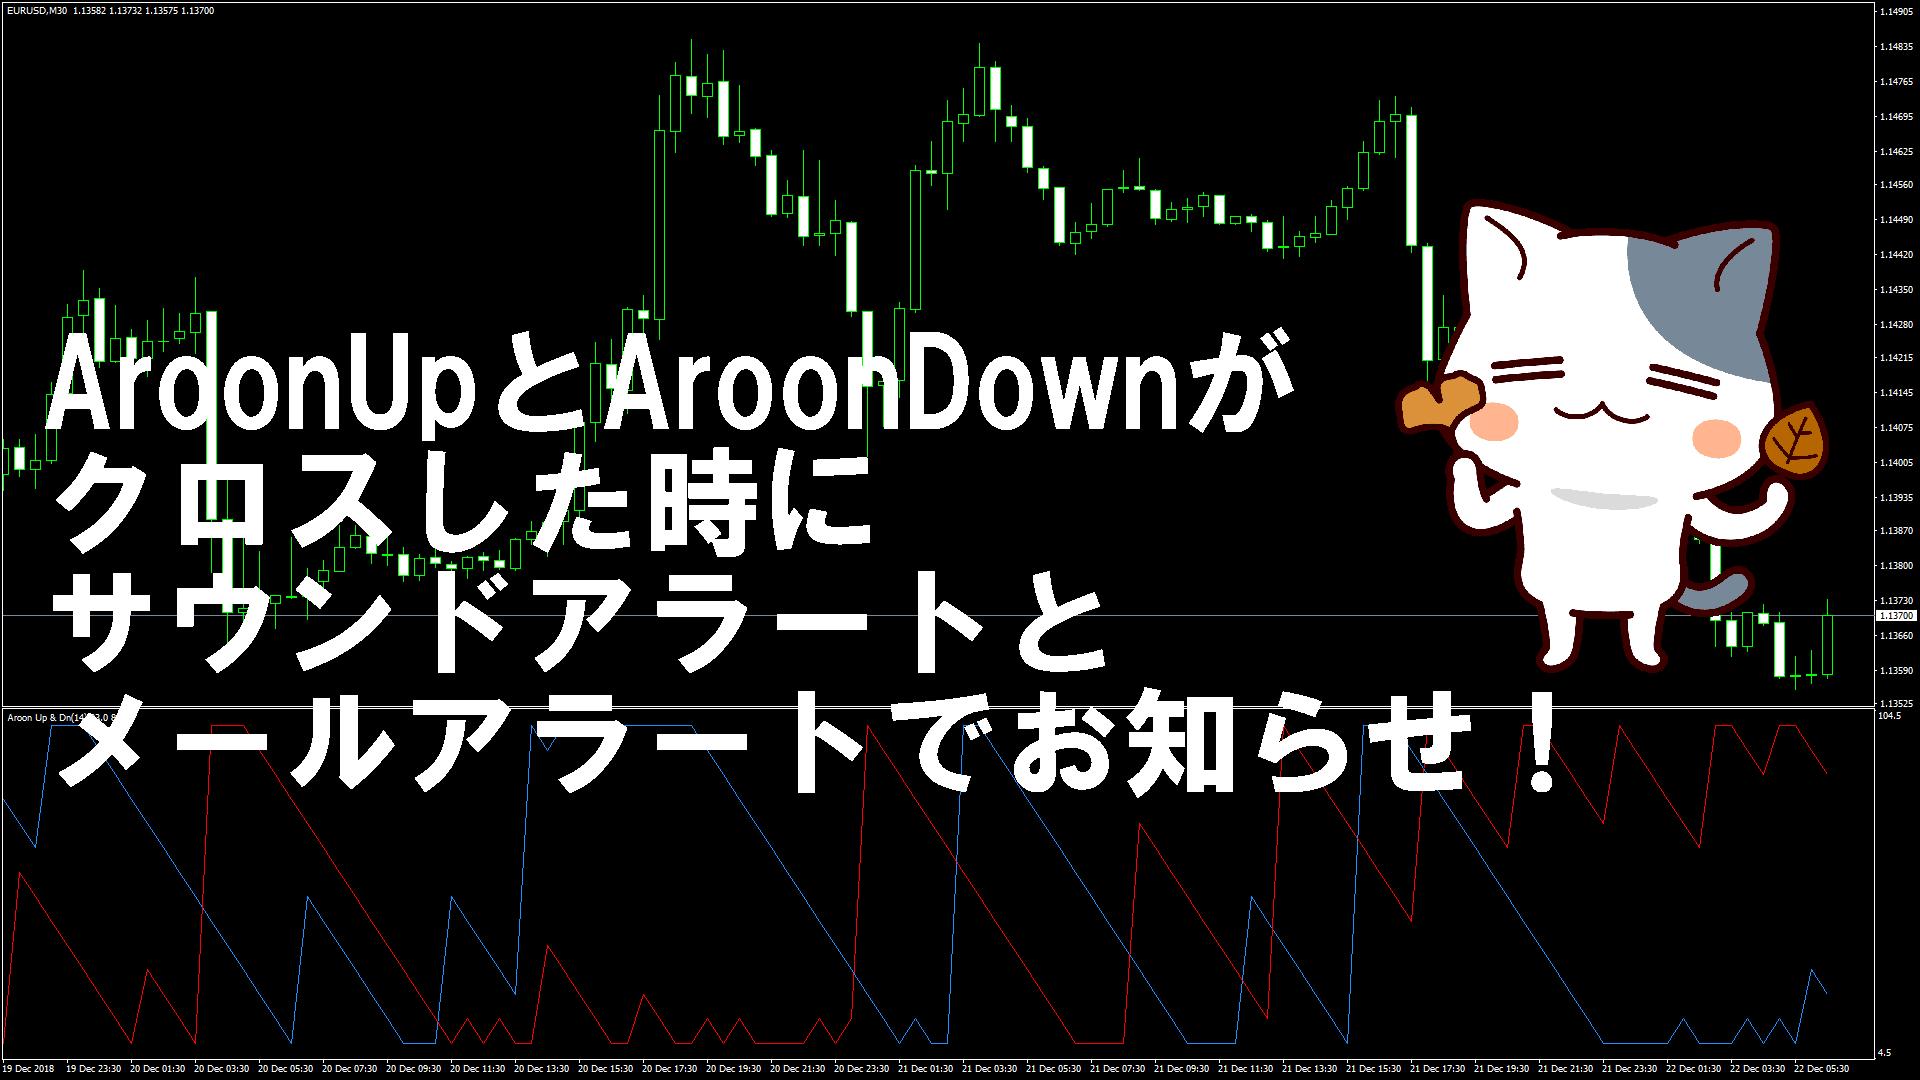 AroonUpとAroonDownがクロスした時にサウンドアラートとメールアラートでお知らせしてくれるMT4インジケーター『Aroon_Up_Down』